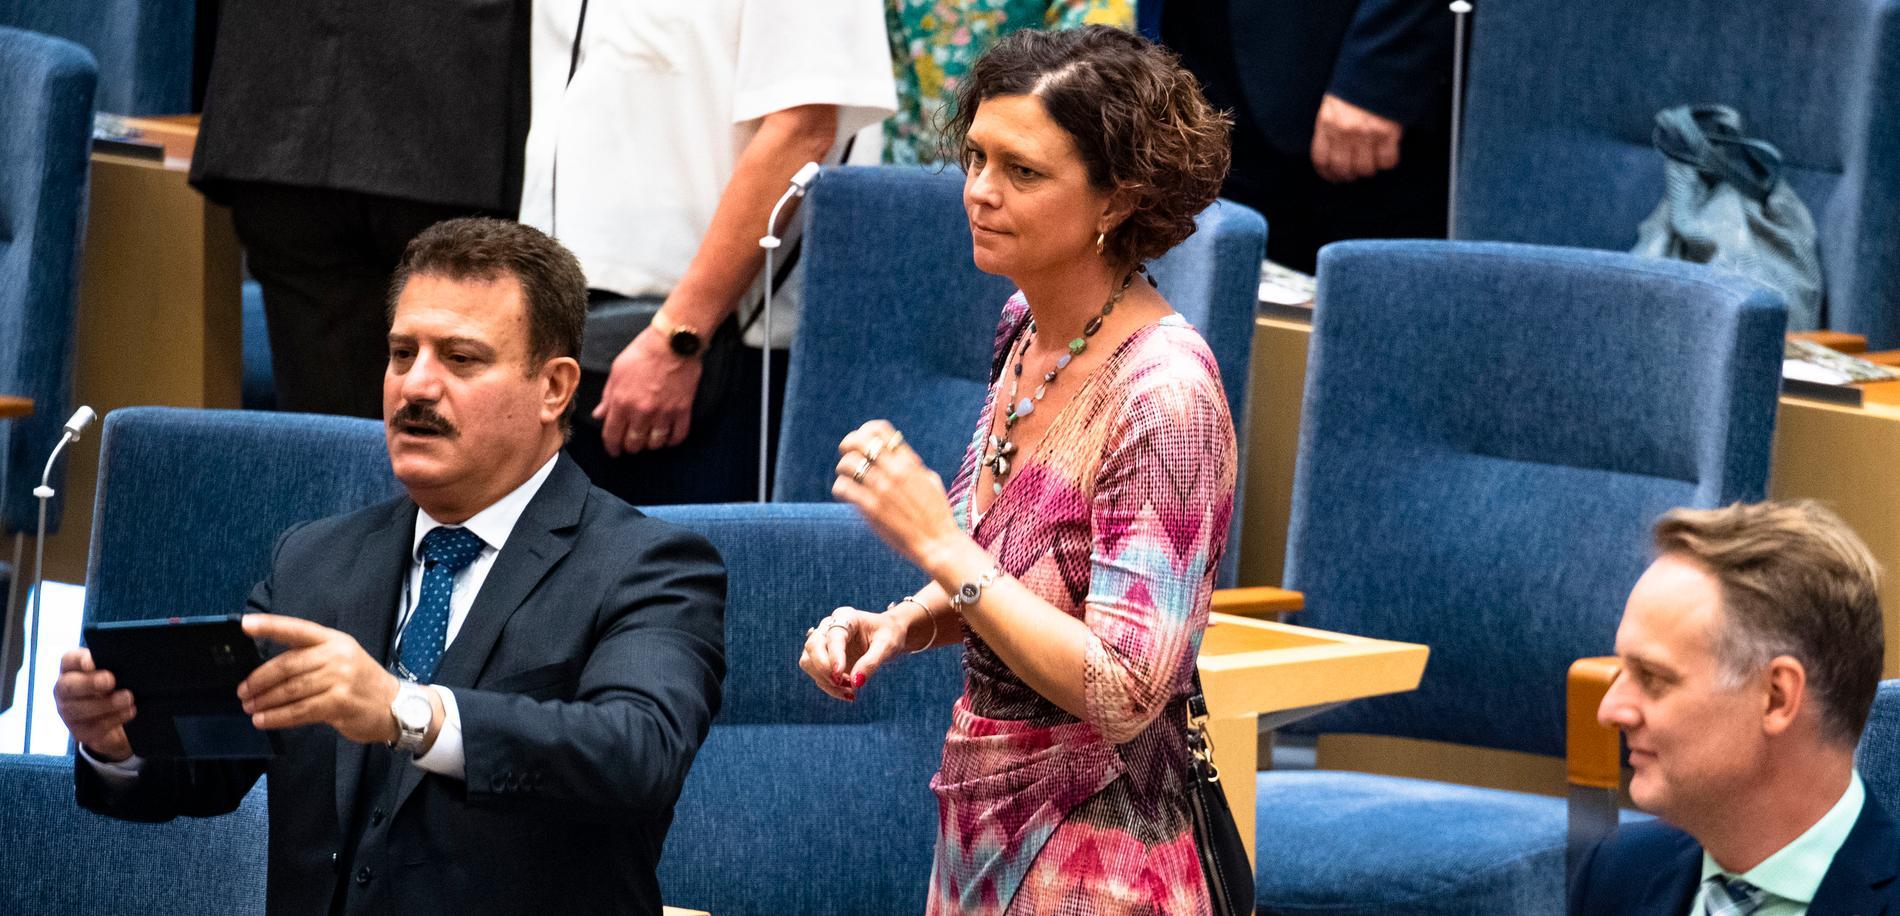 Emma Carlsson Löfdahl är liberalen som blev politisk vilde i riksdagen efter en bostadsskandal. Nu lämnar hon riksdagen och kan kassera in maximal pensionsersättning.